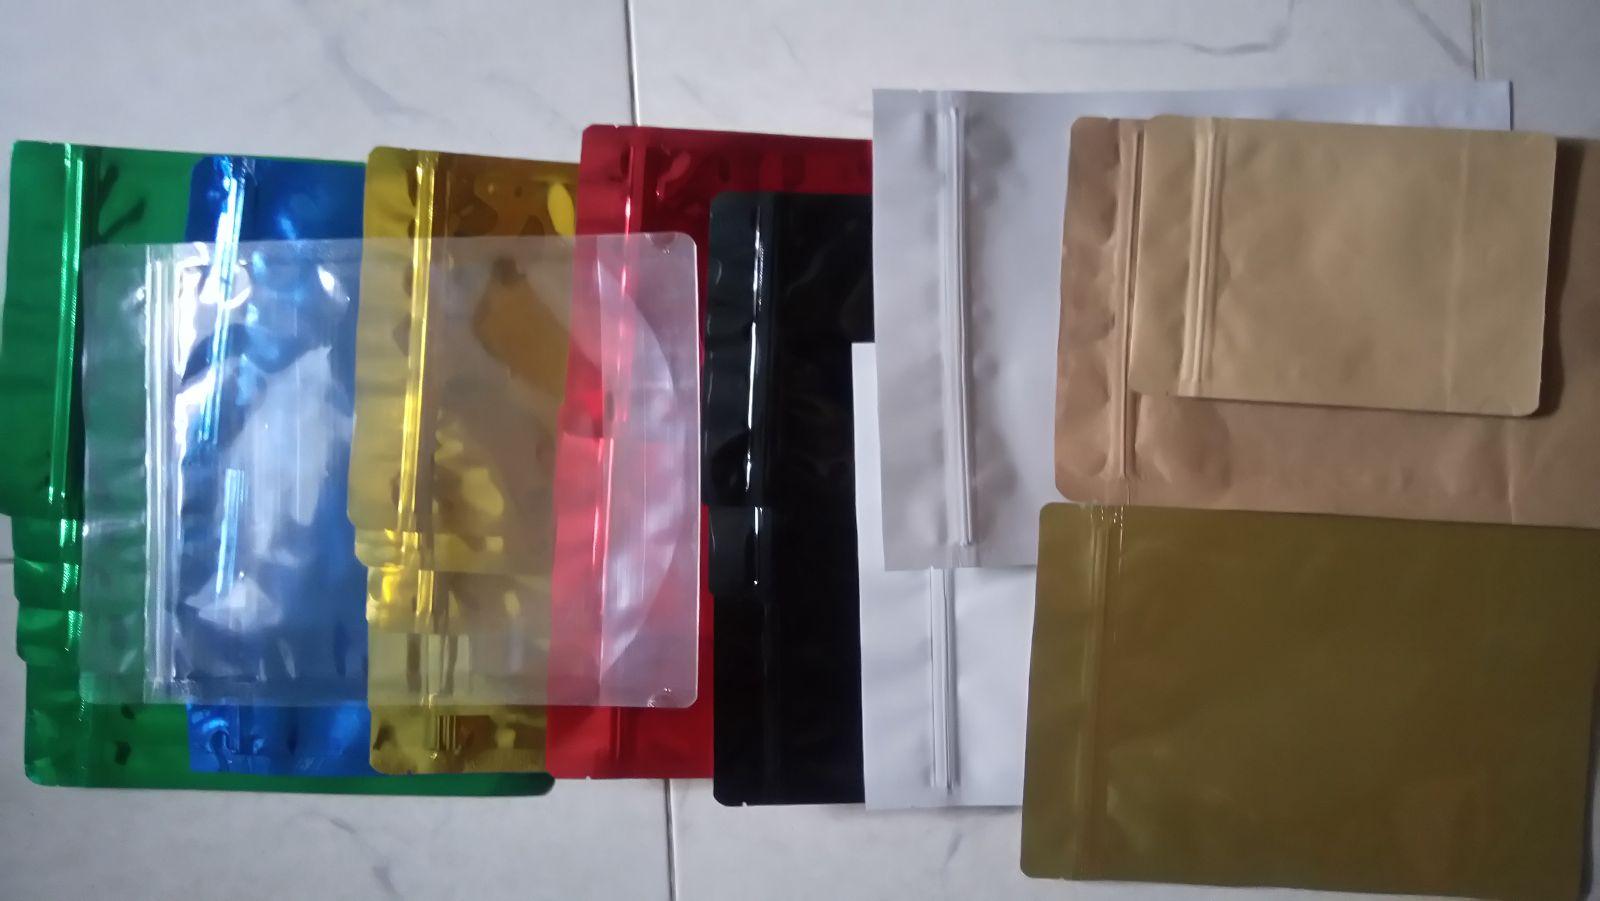 Các loại túi ép 3 biên phổ biến